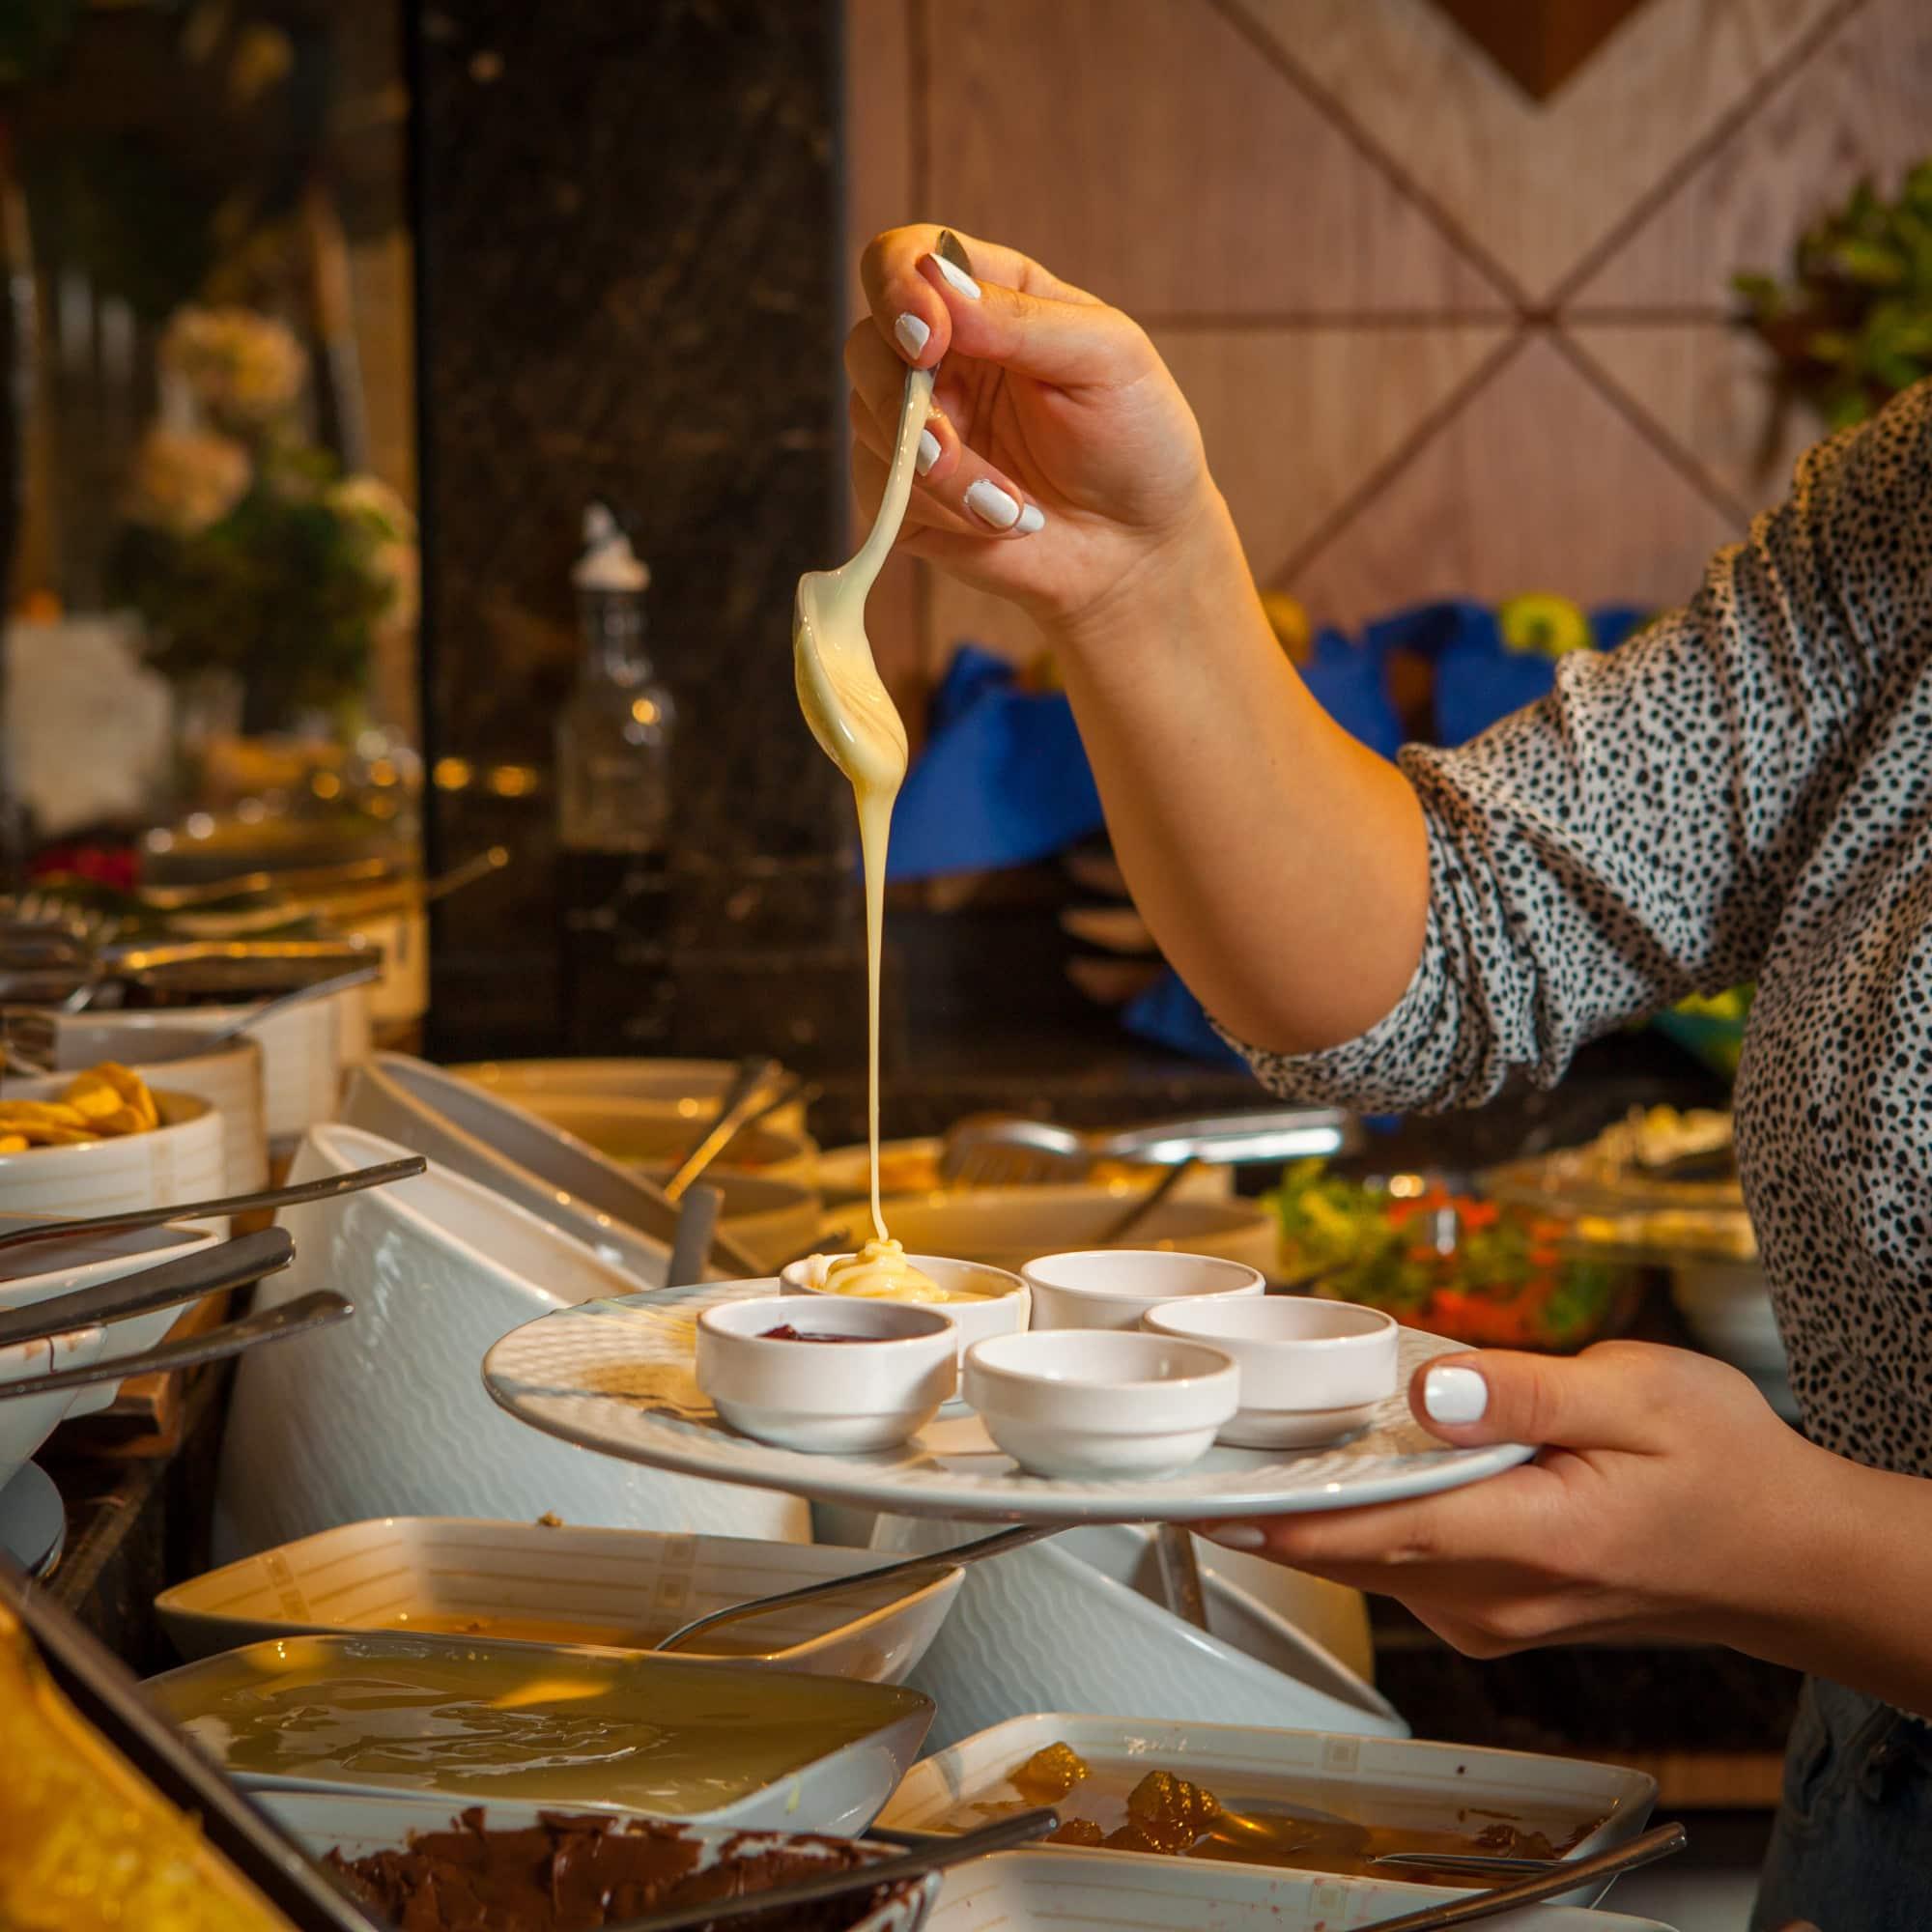 Знакомый кондитер рассказал, как выбрать качественную сгущенку, а не подделку Советы,Десерт,Завтрак,Лакомство,Обед,Сгущенка,Сладости